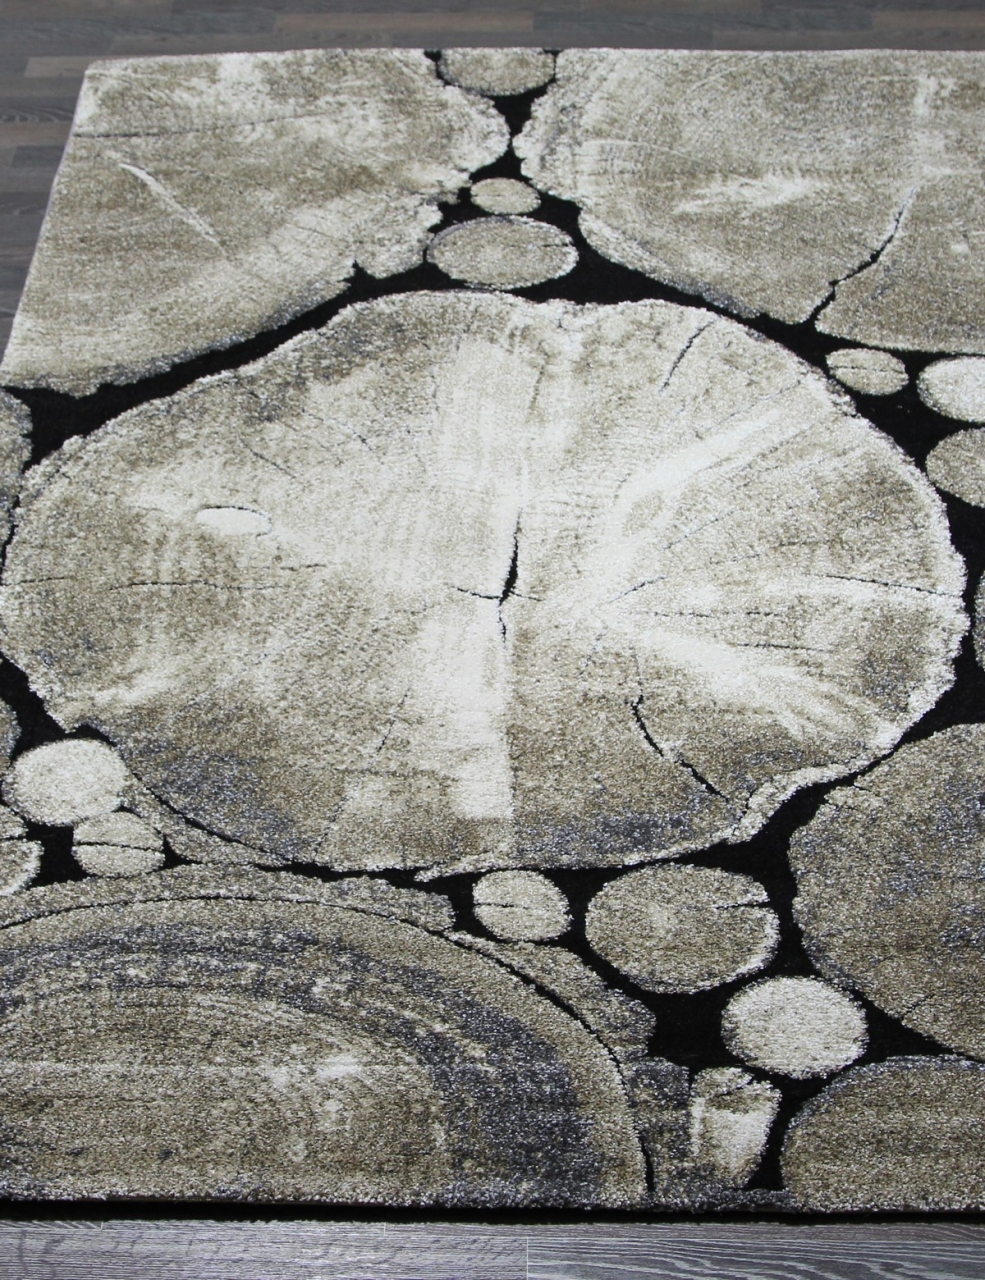 Ковер 16318 - 971 - Прямоугольник - коллекция IBIZA - фото 1